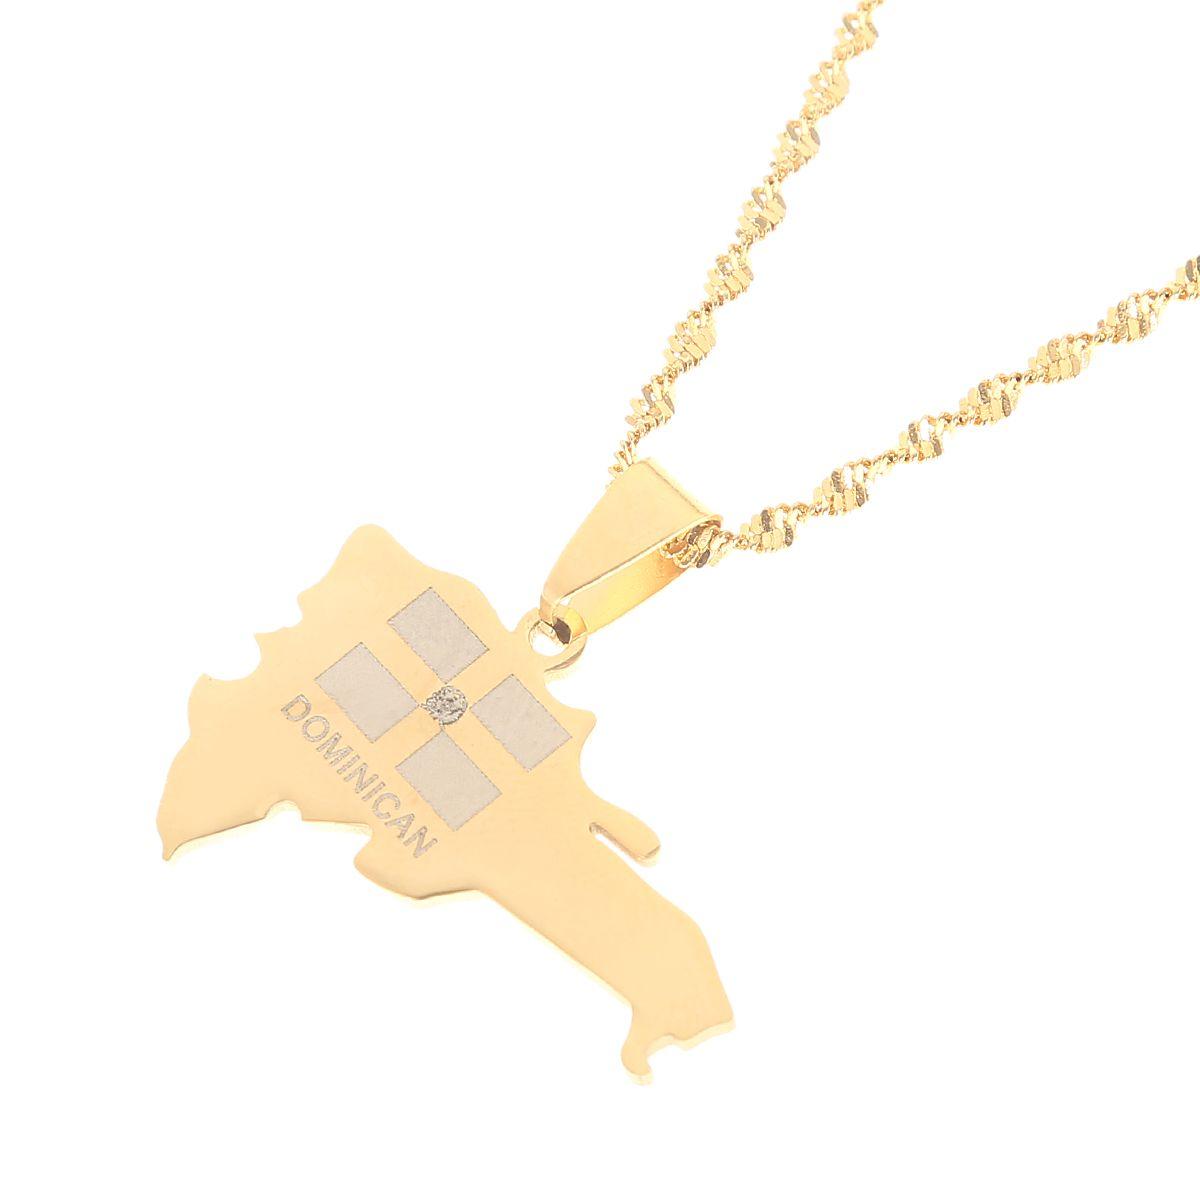 Die Dominikanische Republik Karte Anhänger Halskette für Frauen Gold Farbe Schmuck